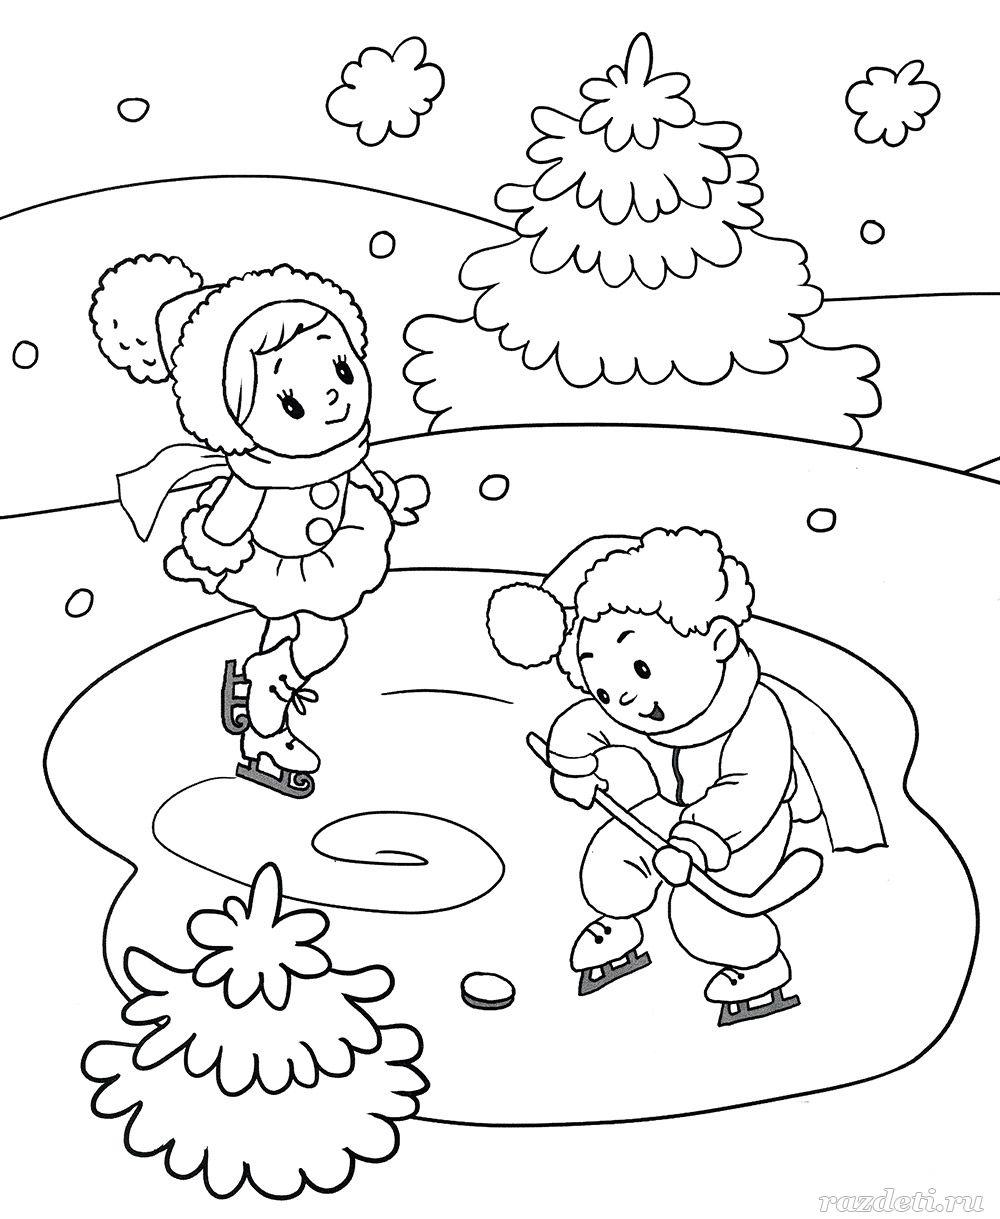 нужно картинки раскраски на тему зимние забавы как оказалось, певица